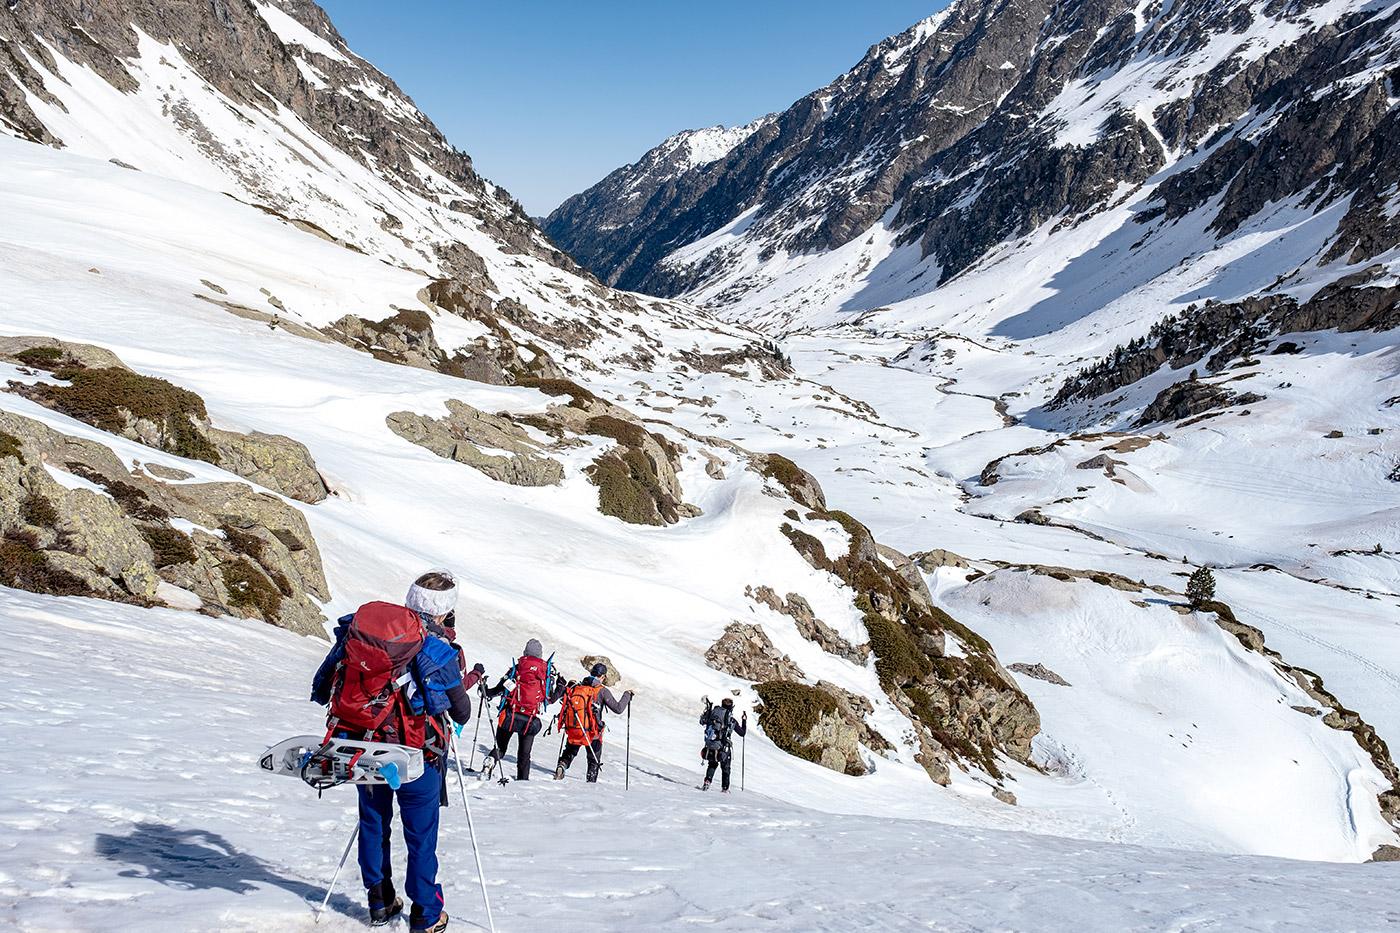 Randonnée au refuge des oulettes de gaube neige